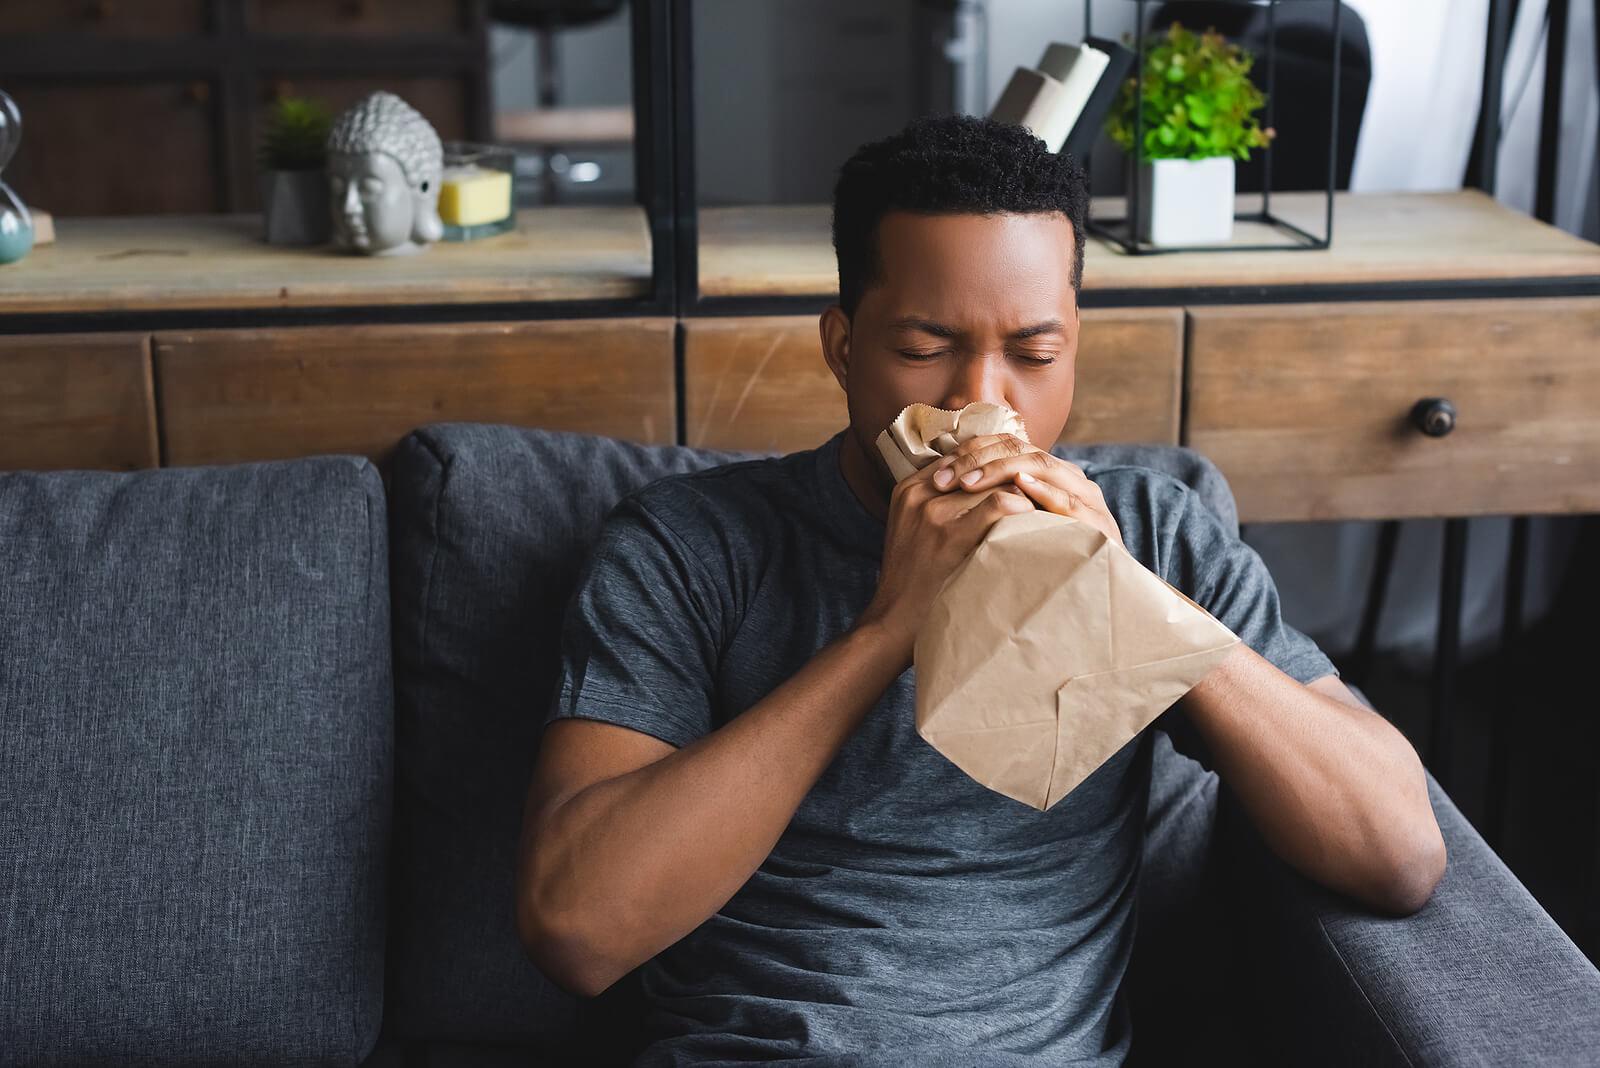 Respirar dentro de una bolsa de papel ayuda a calmar la ansiedad.